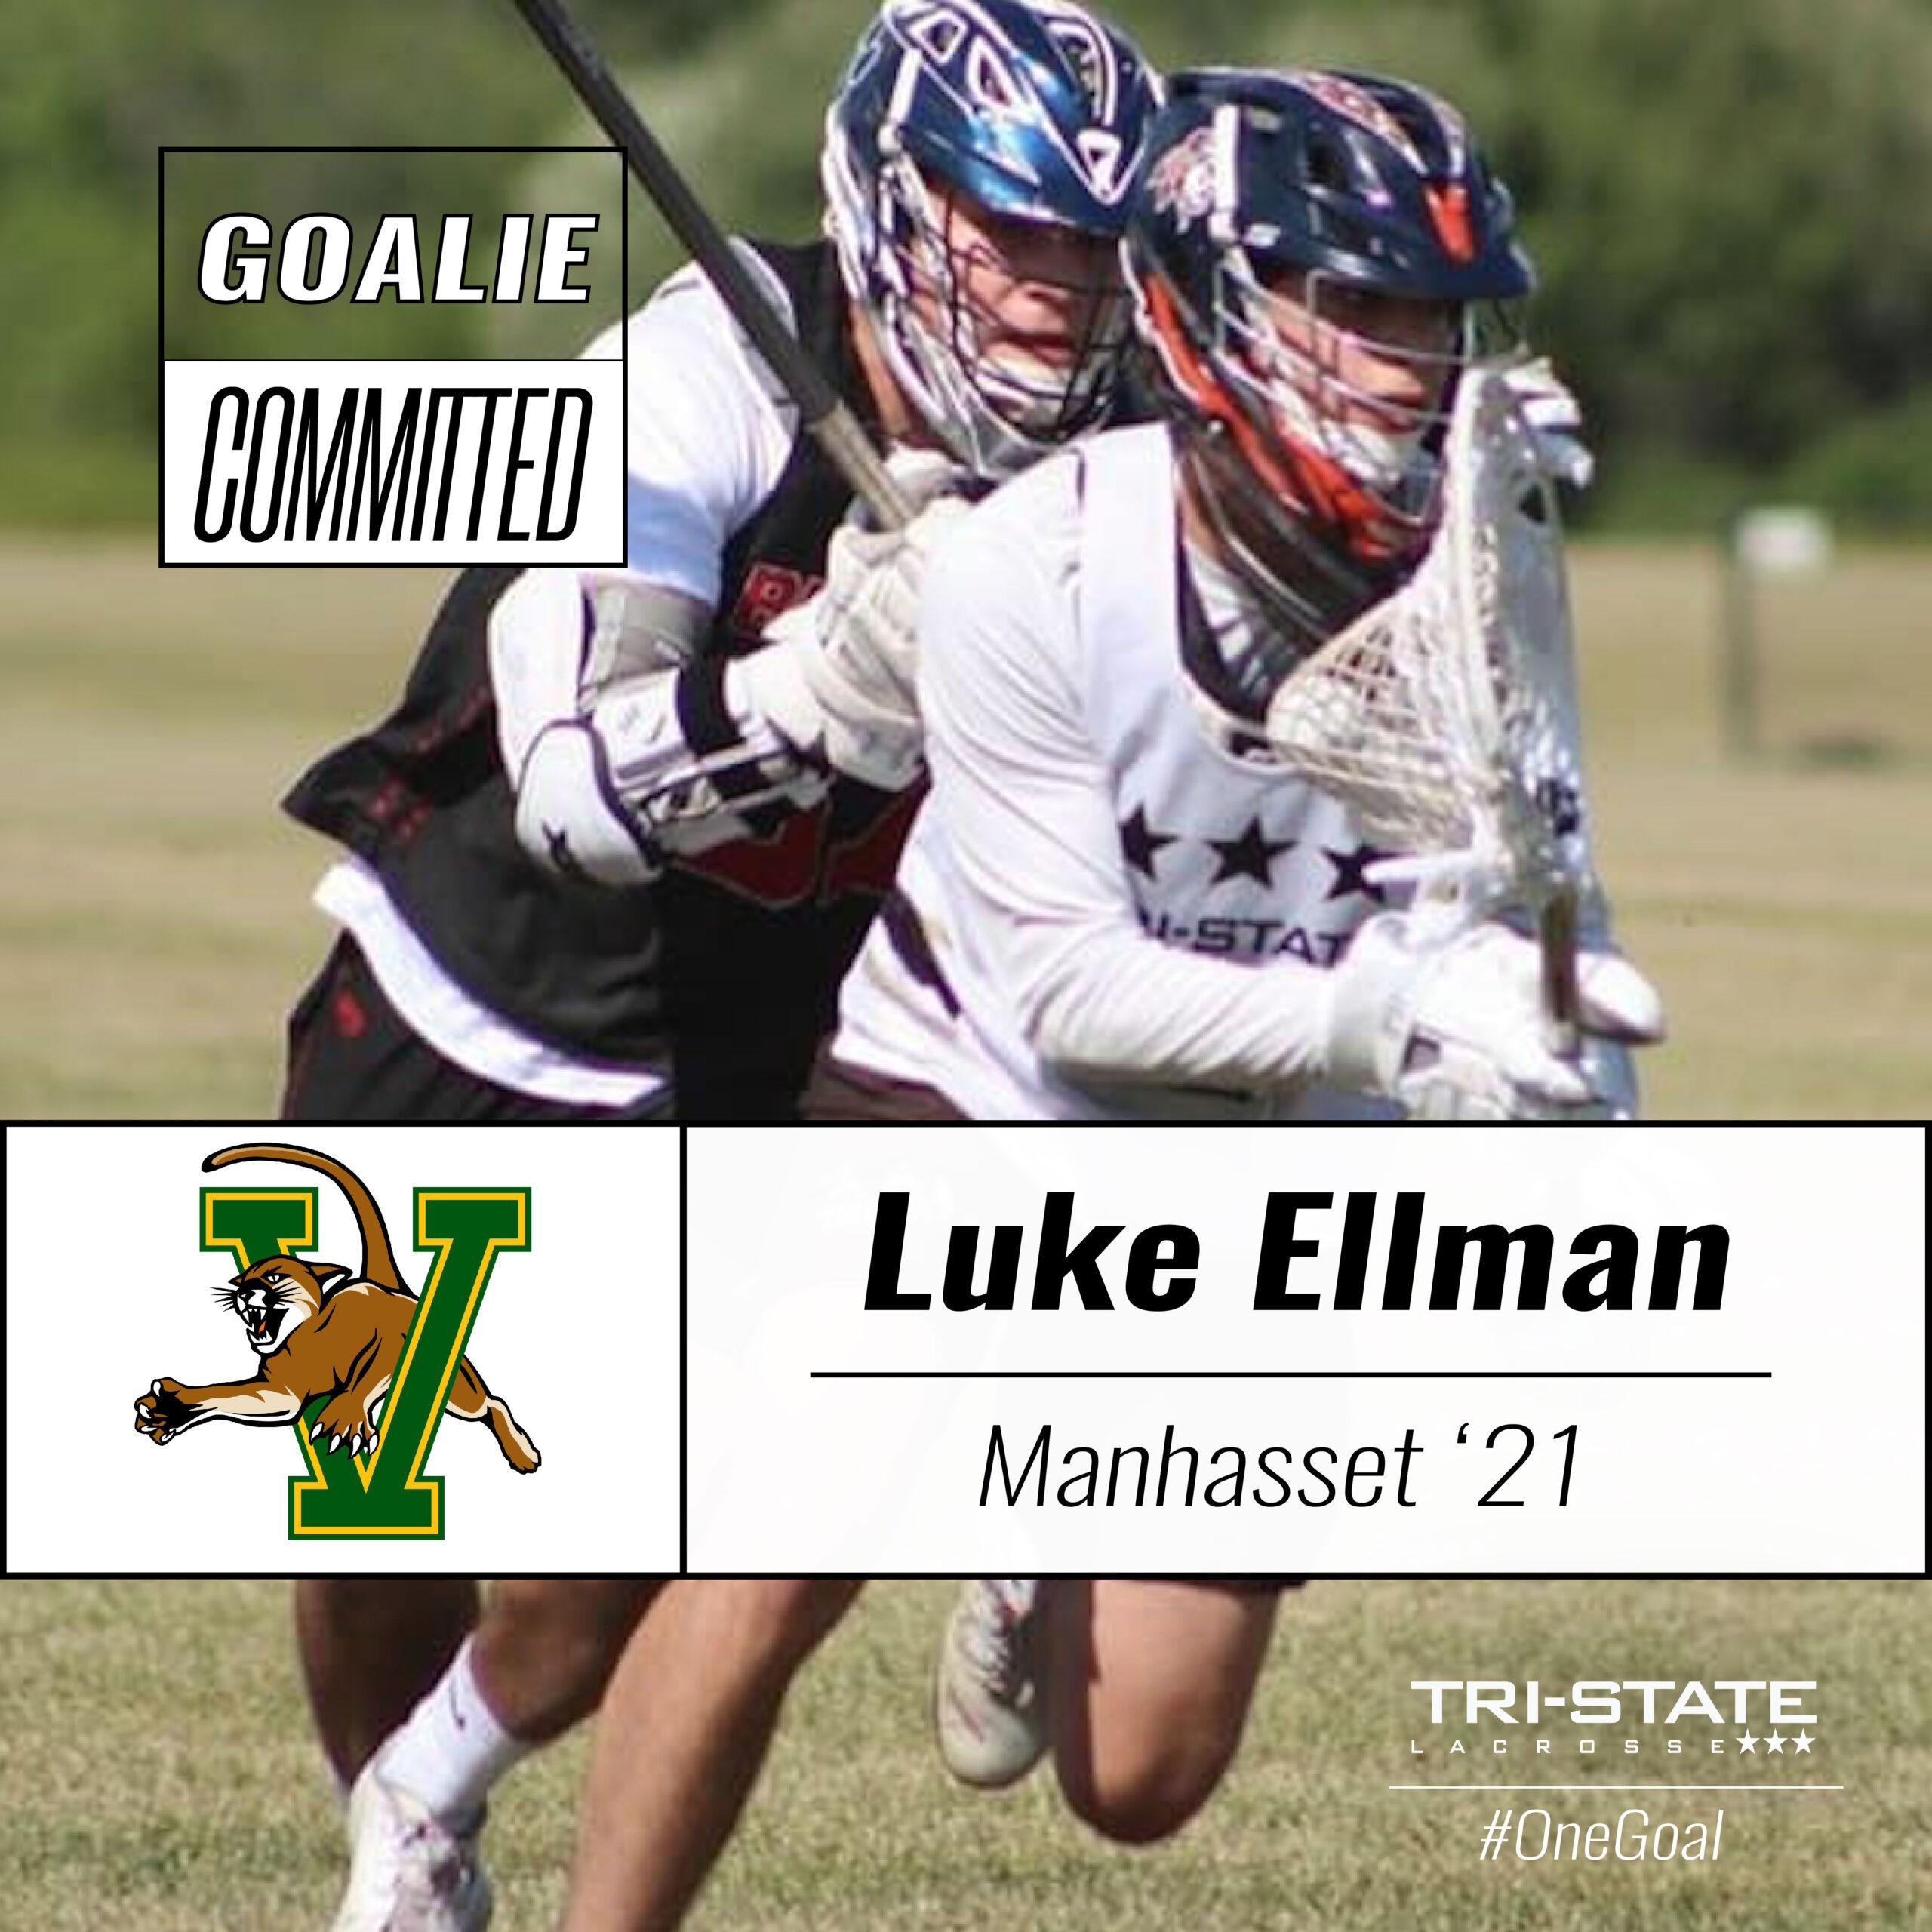 Luke Ellman, Manhasset - Vermont